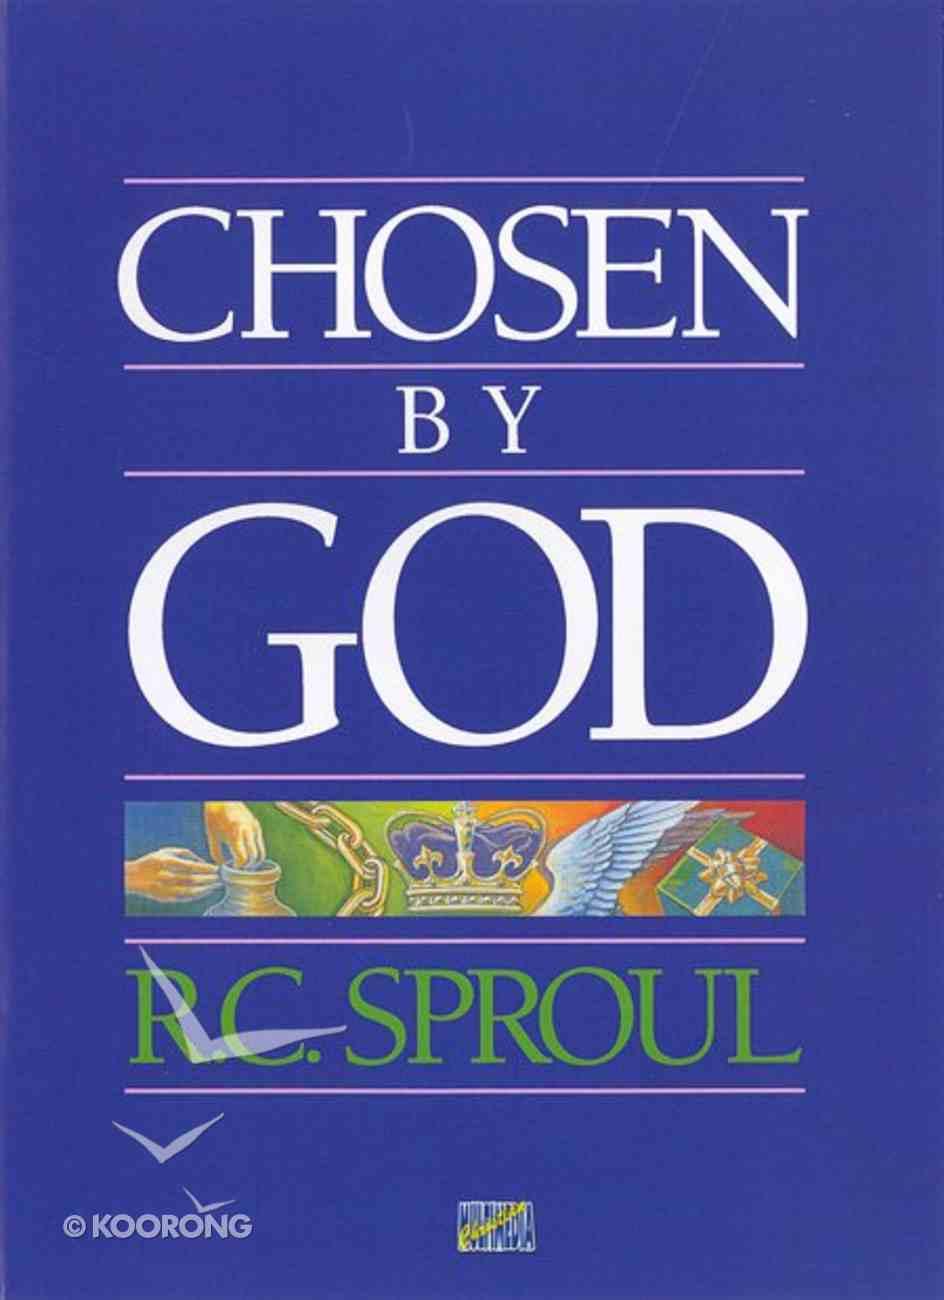 Chosen By God DVD